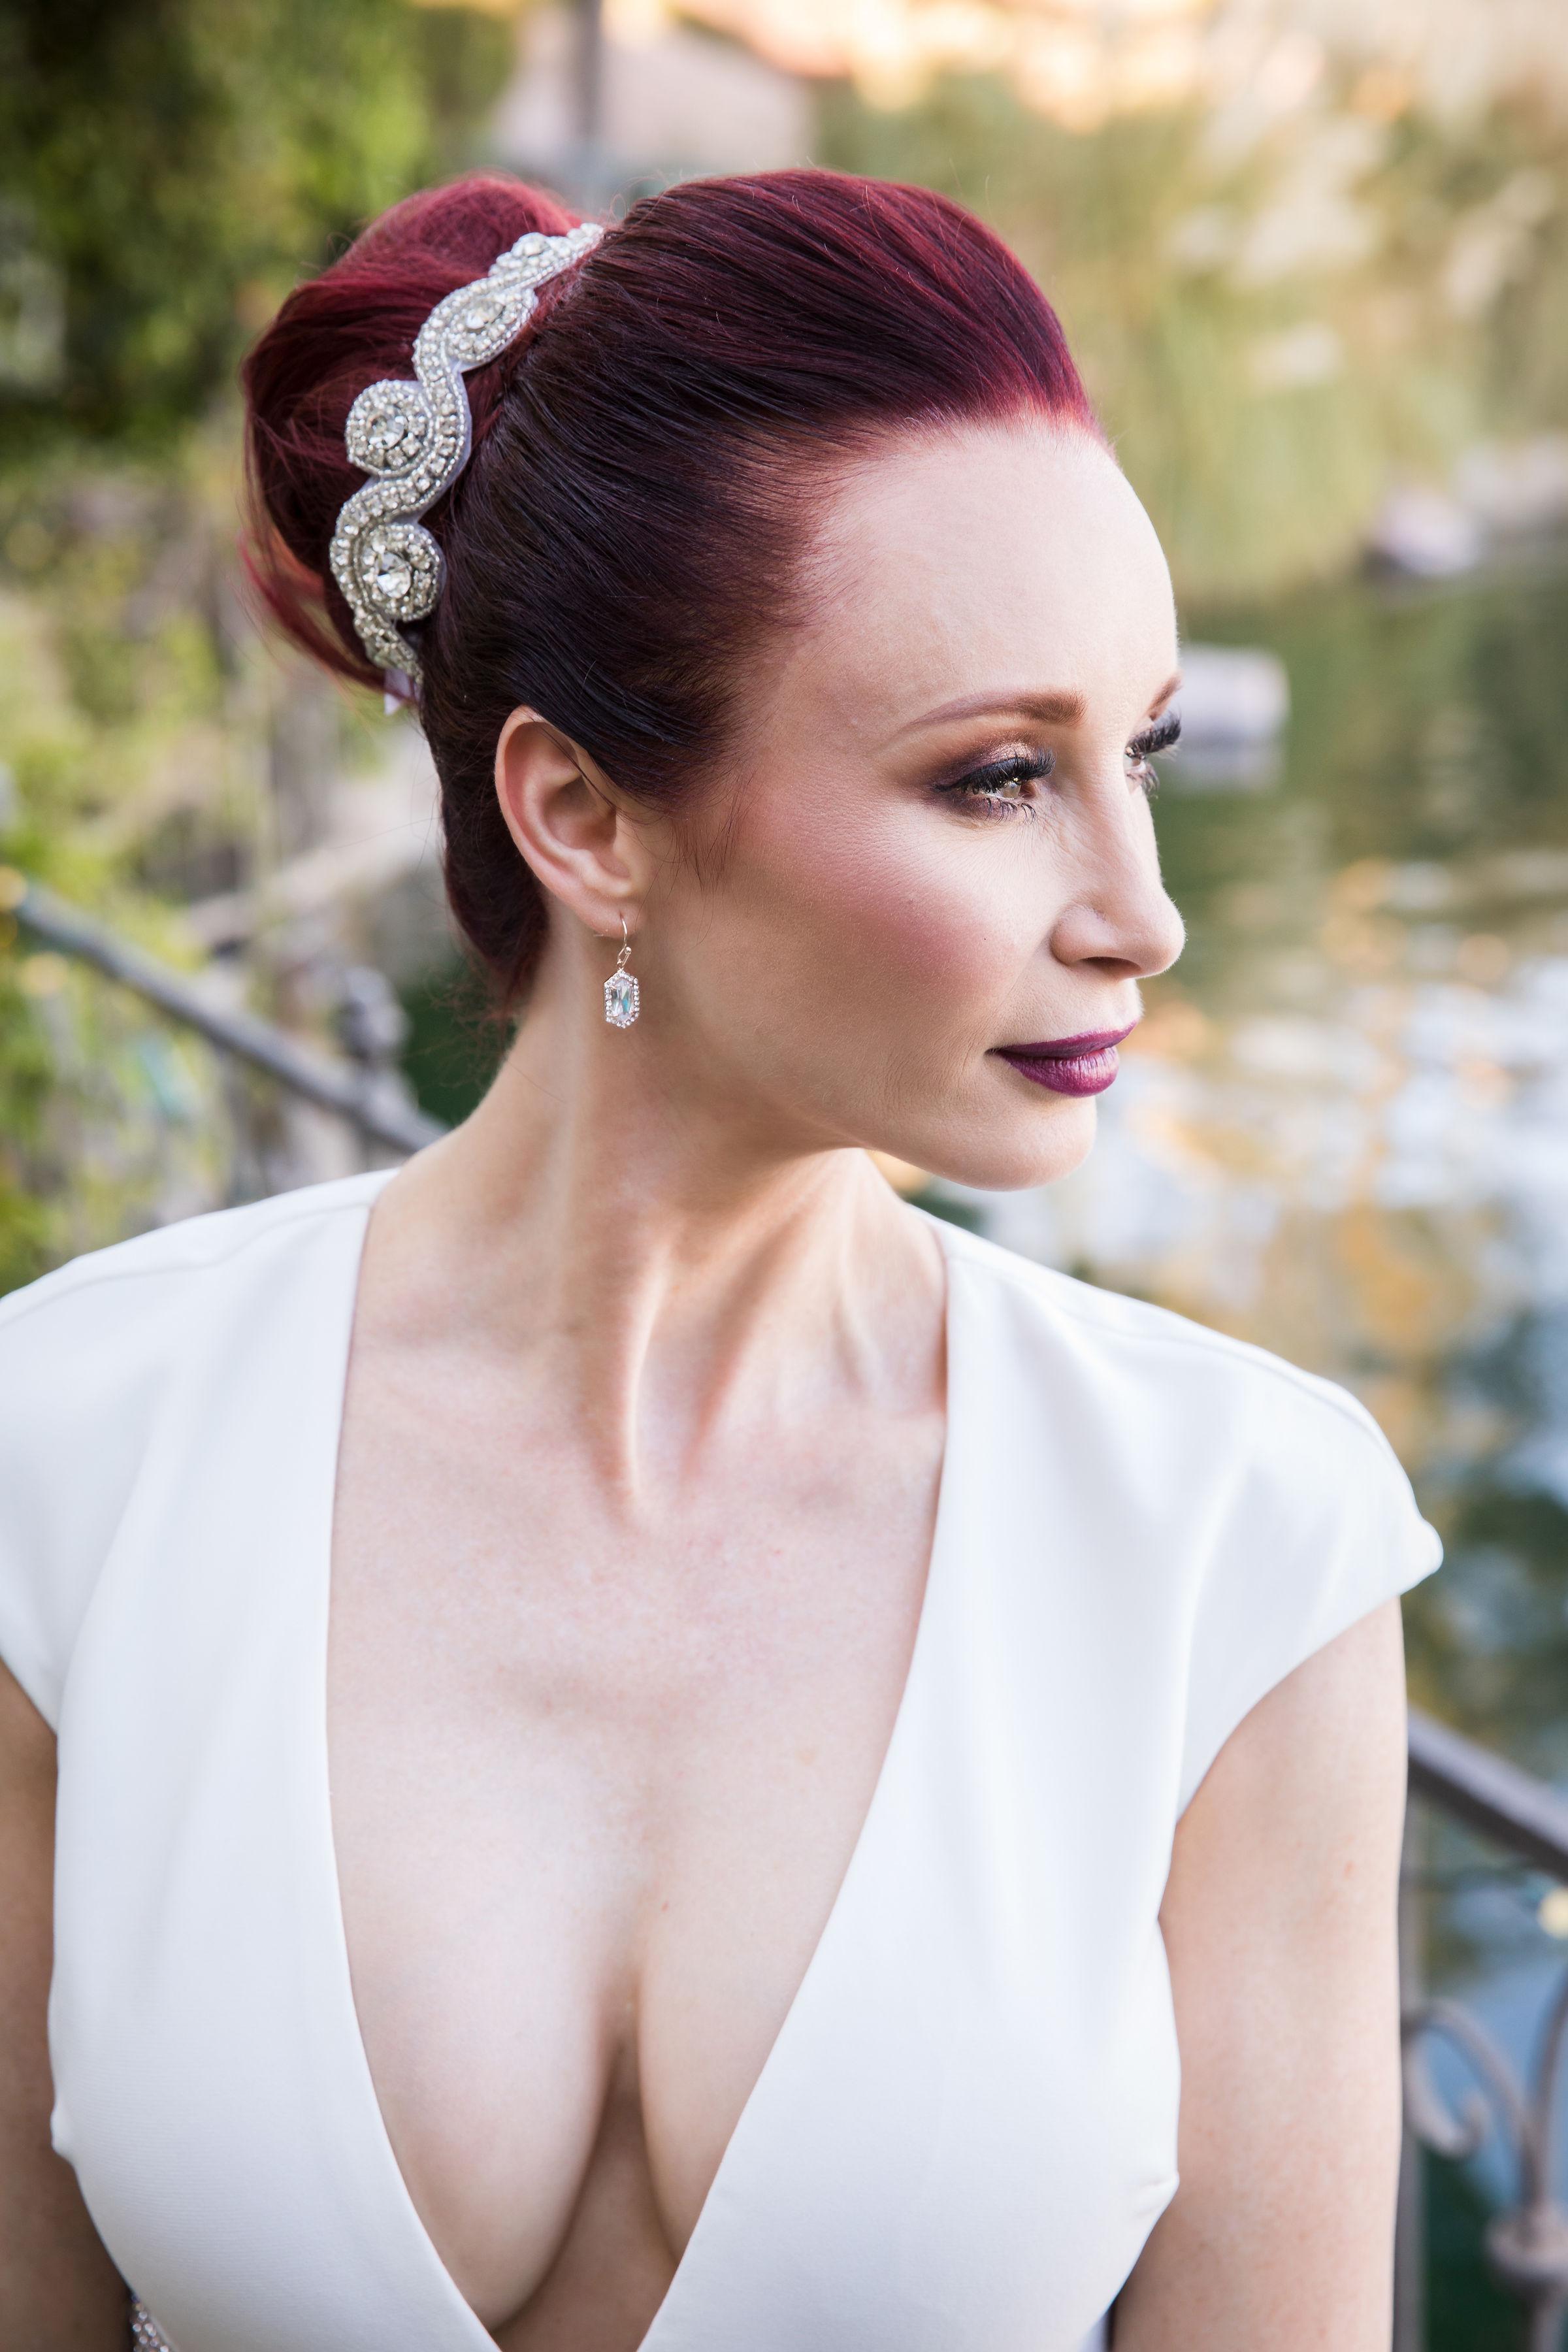 Glamorous Wedding Hair and Makeup Las Vegas